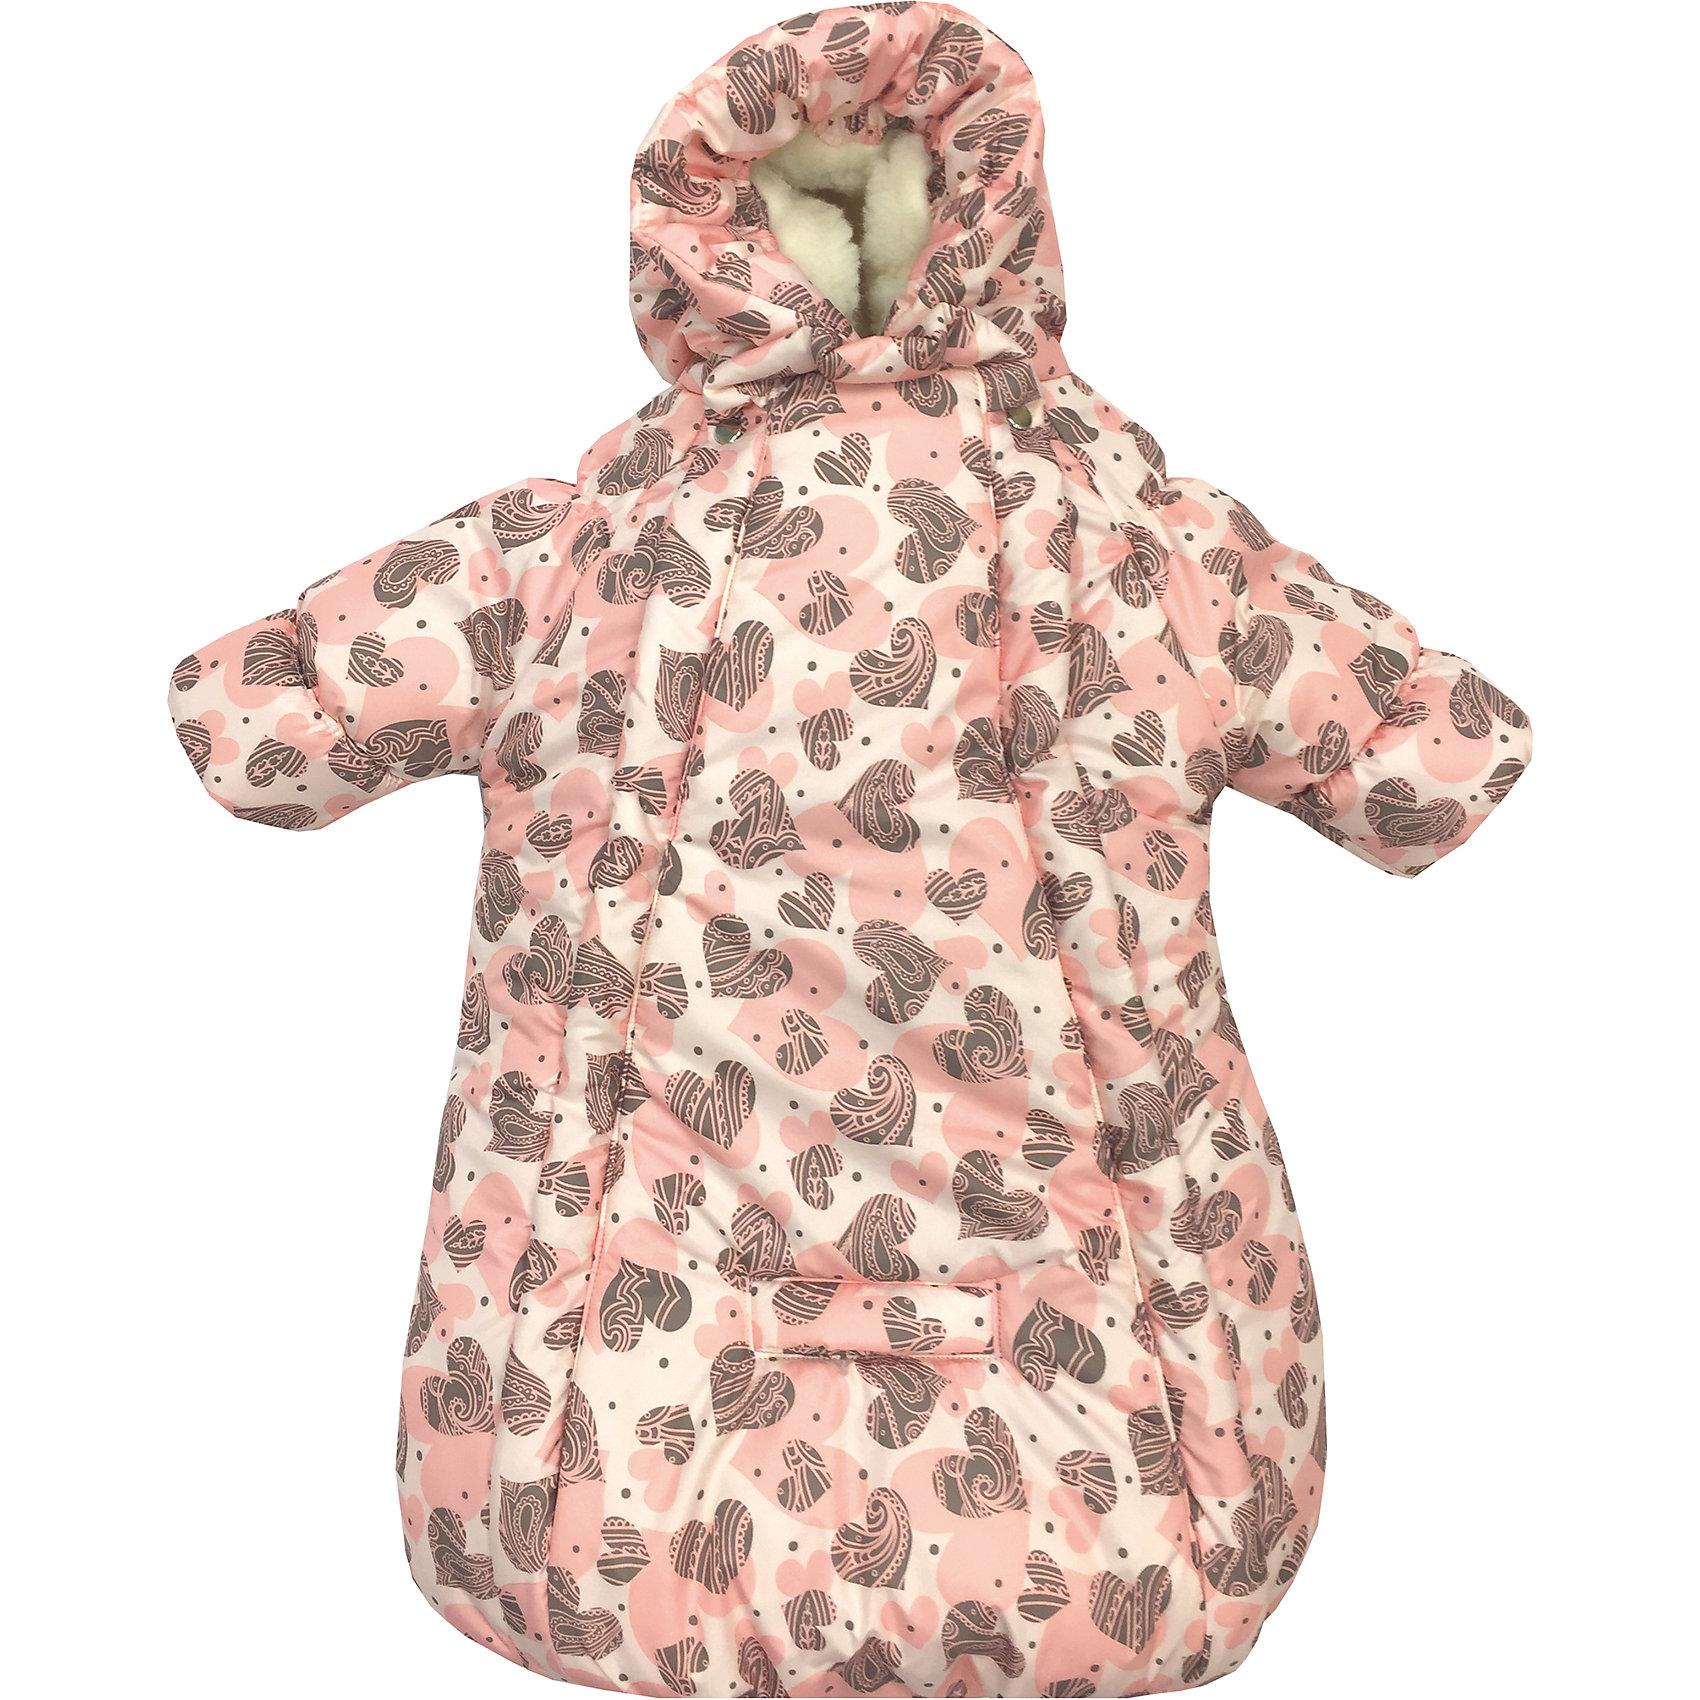 Конверт-комбинезон с ручками Сердца, овчина, СуперМаМкет, ярко-розовыйЗимние конверты<br>Характеристики:<br><br>• Вид детской одежды: верхняя<br>• Предназначение: для прогулок, на выписку<br>• Возраст: от 0 до 6 месяцев<br>• Сезон: зима<br>• Степень утепления: высокая<br>• Температурный режим: от 0? С до -30? С<br>• Пол: для девочки<br>• Тематика рисунка: сердечки<br>• Цвет: оттенки розового, коричневый<br>• Материал: верх – мембрана (плащевка), утеплитель – 150 г. синтепона, подклад – овечий ворс на тканевой основе<br>• Форма конверта: комбинезон-конверт<br>• По бокам имеются застежки-молнии<br>• Застежка на кнопках у горловины<br>• На комбинезоне предусмотрены прорези как для 3-х точечных, так и для 5-ти точечных ремней безопасности<br>• У рукавов предусмотрены манжеты-отвороты<br>• Капюшон с регулировкой по овалу лица<br>• Размеры (Ш*Д): 45*75 см, длина от плеча до низа 56 см<br>• Вес: 800 г <br>• Особенности ухода: допускается деликатная стирка без использования красящих и отбеливающих средств<br><br>Комбинезон-конверт от СуперМаМкет выполнен в форме расширенного книзу кокона, на рукавах предусмотрены отвороты для защиты от холода детских ручек, капюшон имеет регулировку по овалу лица, а у горловины имеются застежки на кнопках. Верх изделия выполнен из плащевки, которая отличается повышенными качествами износоустойчивости и обладает повышенными защитными свойствами от влаги и ветра. Изделие имеет двойное утепление: из синтепона (150 г.) и подклада, выполненного из специально обработанного овечьего ворса, что обеспечивает повышенные теплоизоляционные свойства и придает изделию дополнительную мягкость. Конверт-комбинезон с ручками Сердца, овчина, СуперМаМкет, ярко-розовый оснащен боковыми застежками-молниями, которые расстегиваются до самого низа, что обеспечивает удобство в одевании ребенка. Комбинезон выполнен в стильном дизайне: принт из сердечек коричневого и розового цветов придает изделию особый стиль и изысканность, поэтому его можно использовать не только 